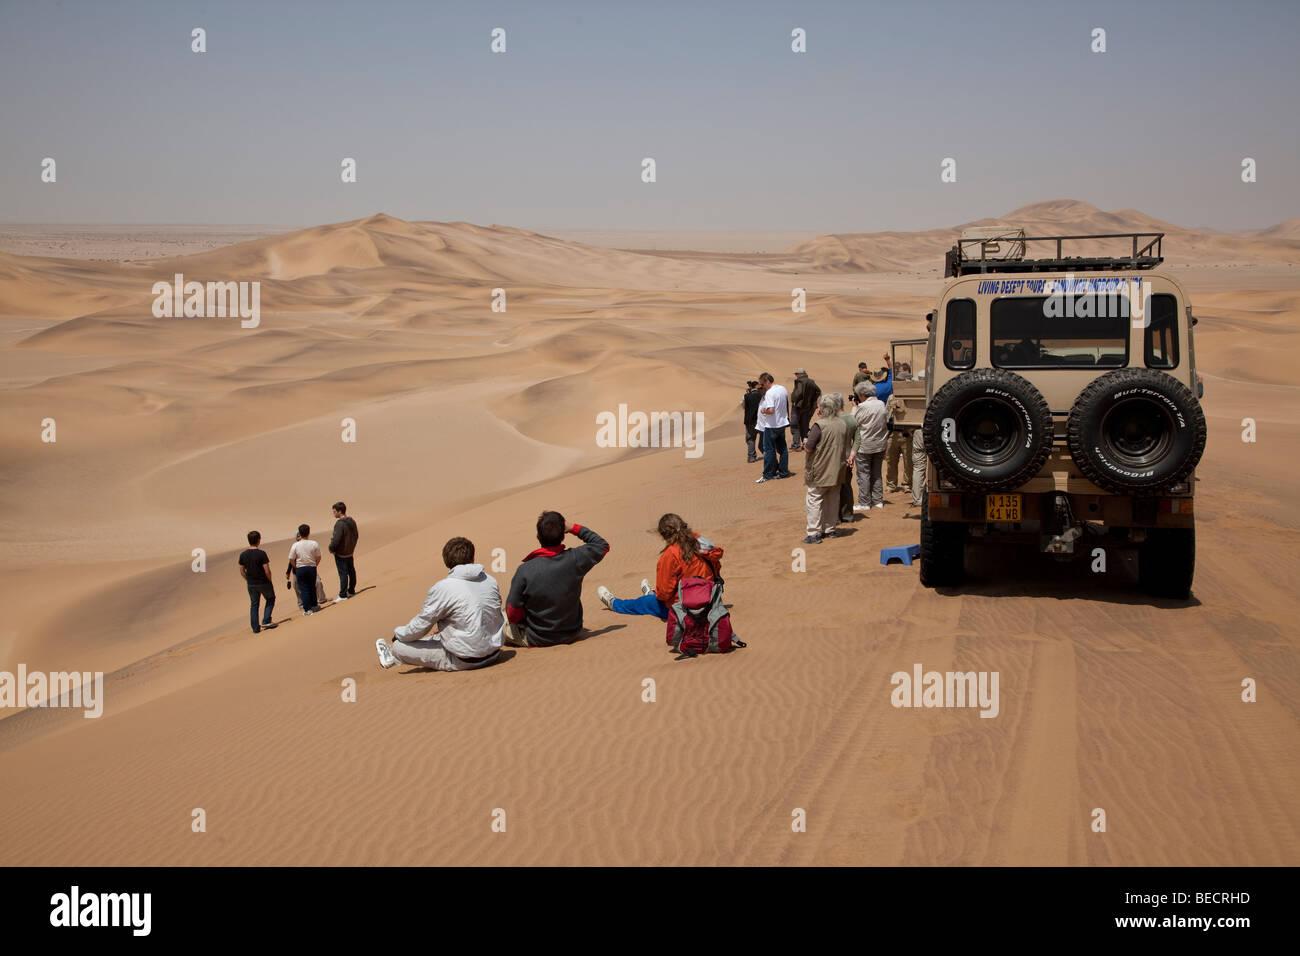 Les touristes parmi les dunes près de Swakopmund, Désert du Namib, Namibie, Afrique Photo Stock